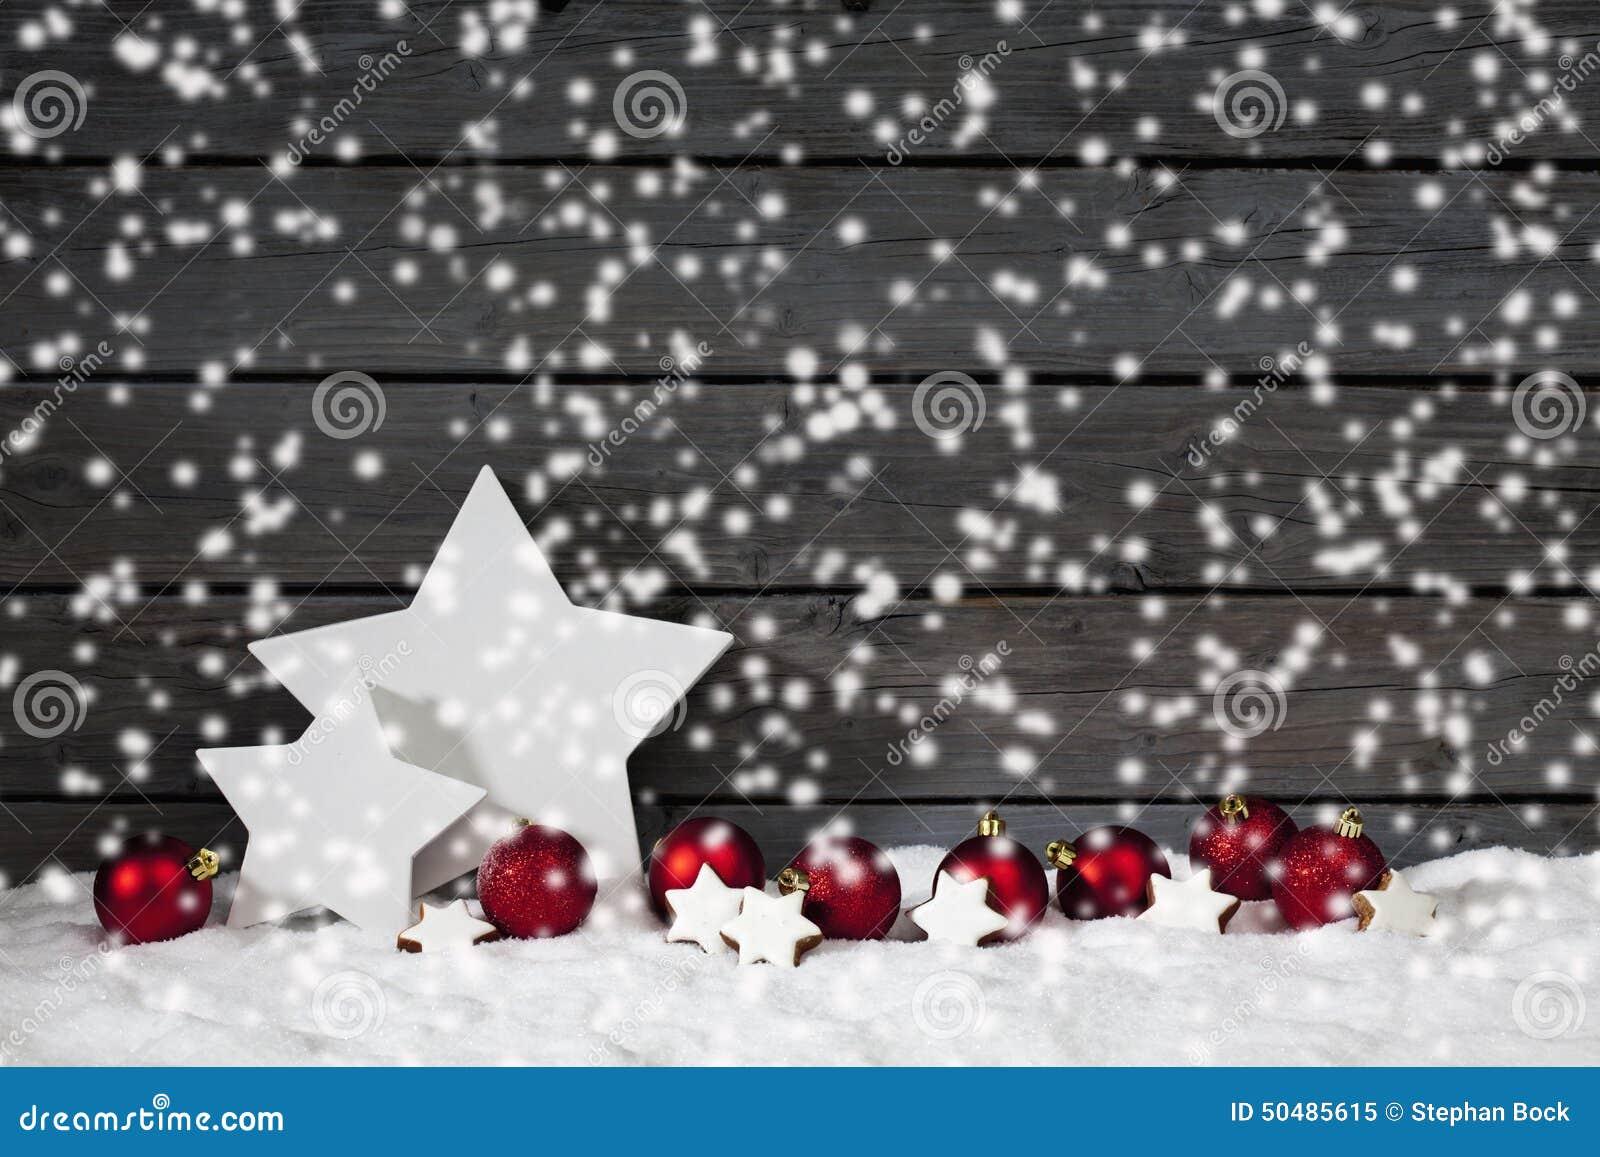 Les Etoiles En Forme D Etoile De Cannelle D Ampoules De Noel De